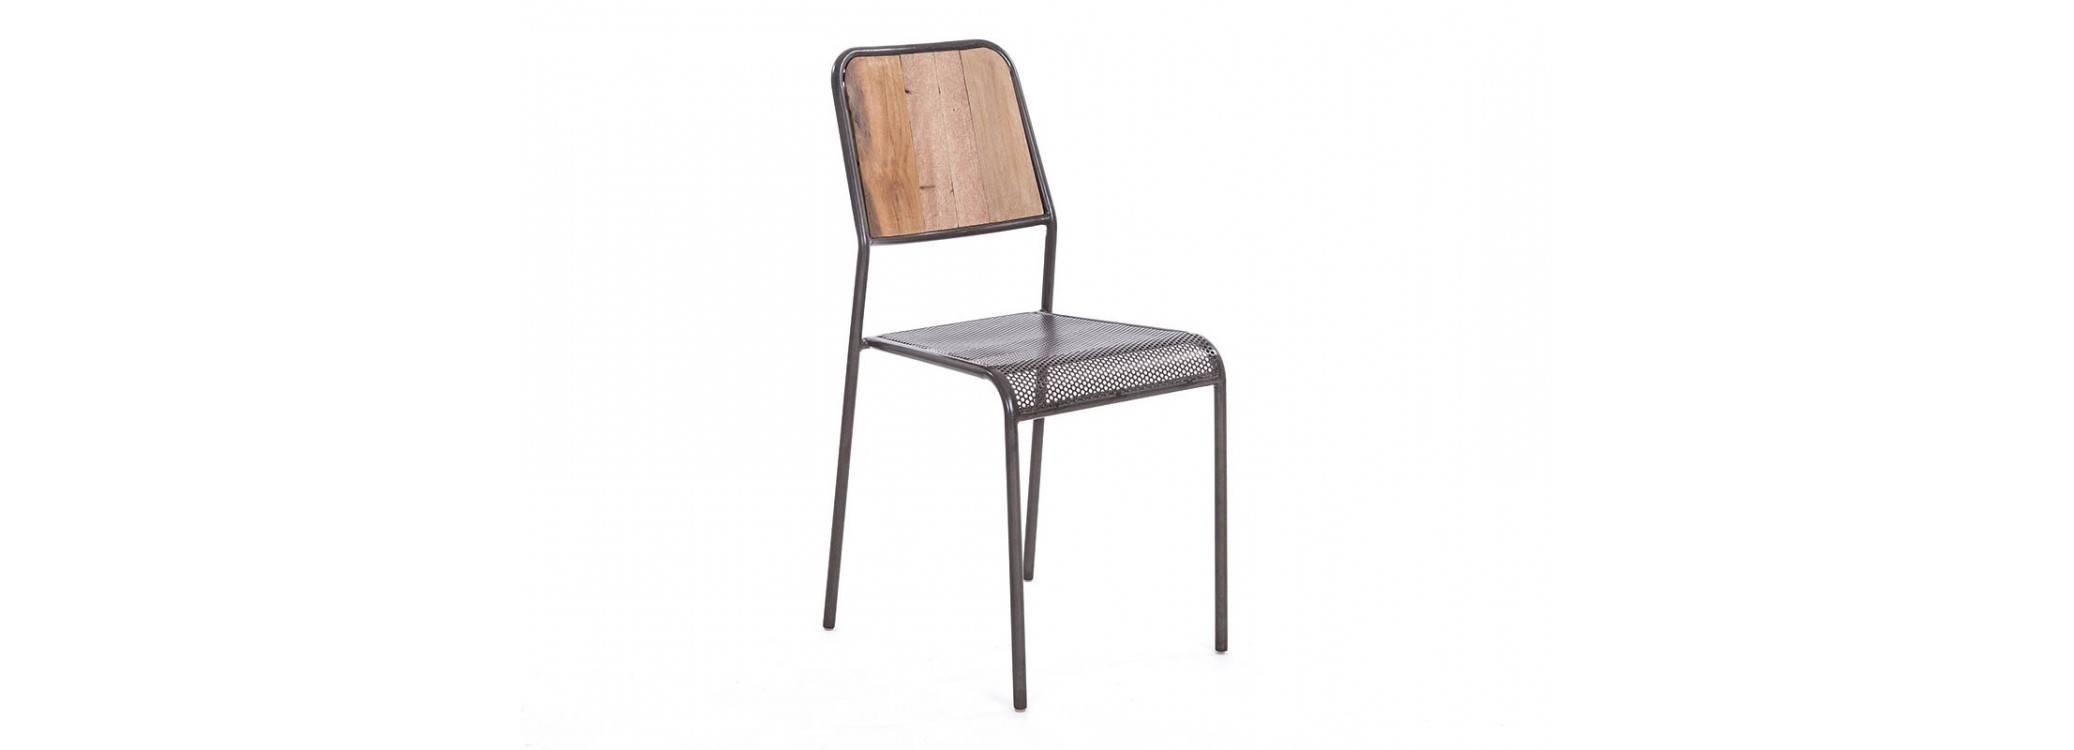 Chaise Cube - Dossier bois et assise métal